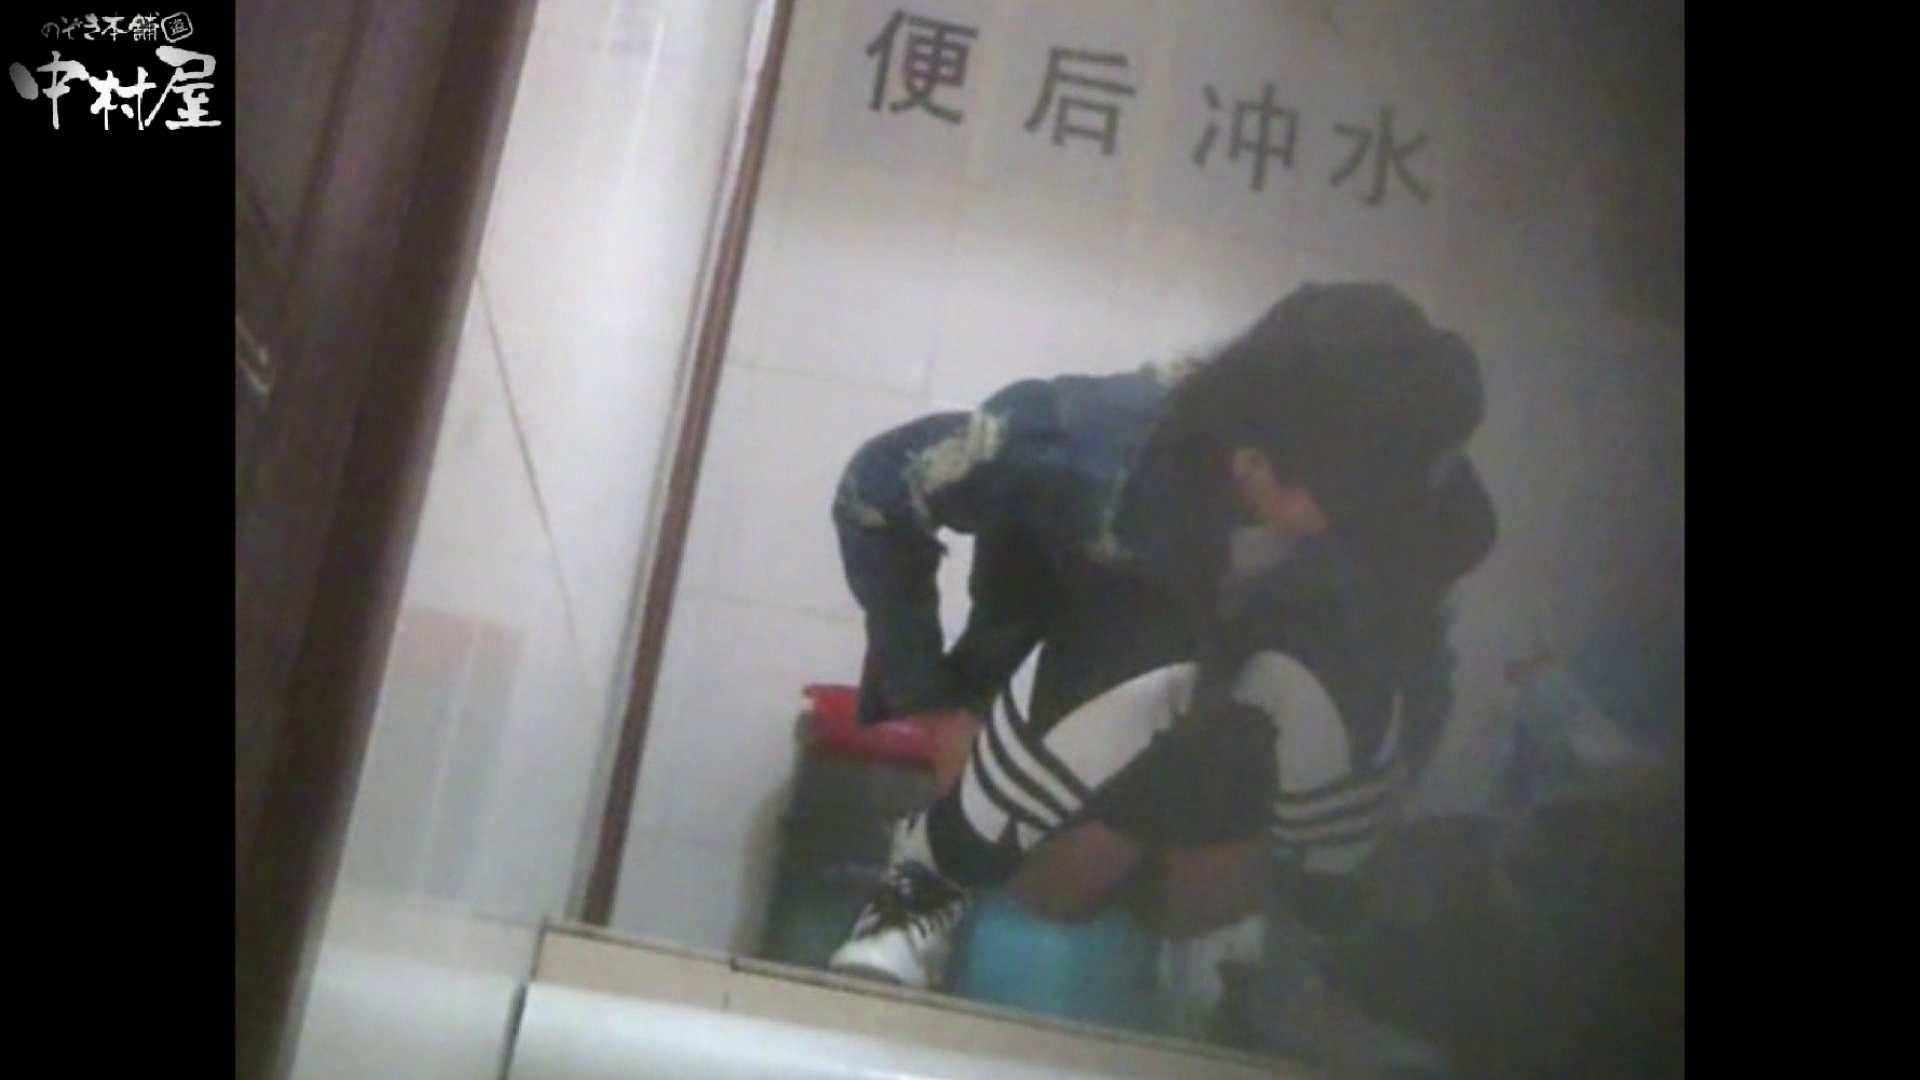 李さんの盗撮日記 Vol.13 トイレ | ギャルのエロ動画 盗撮 93PIX 61